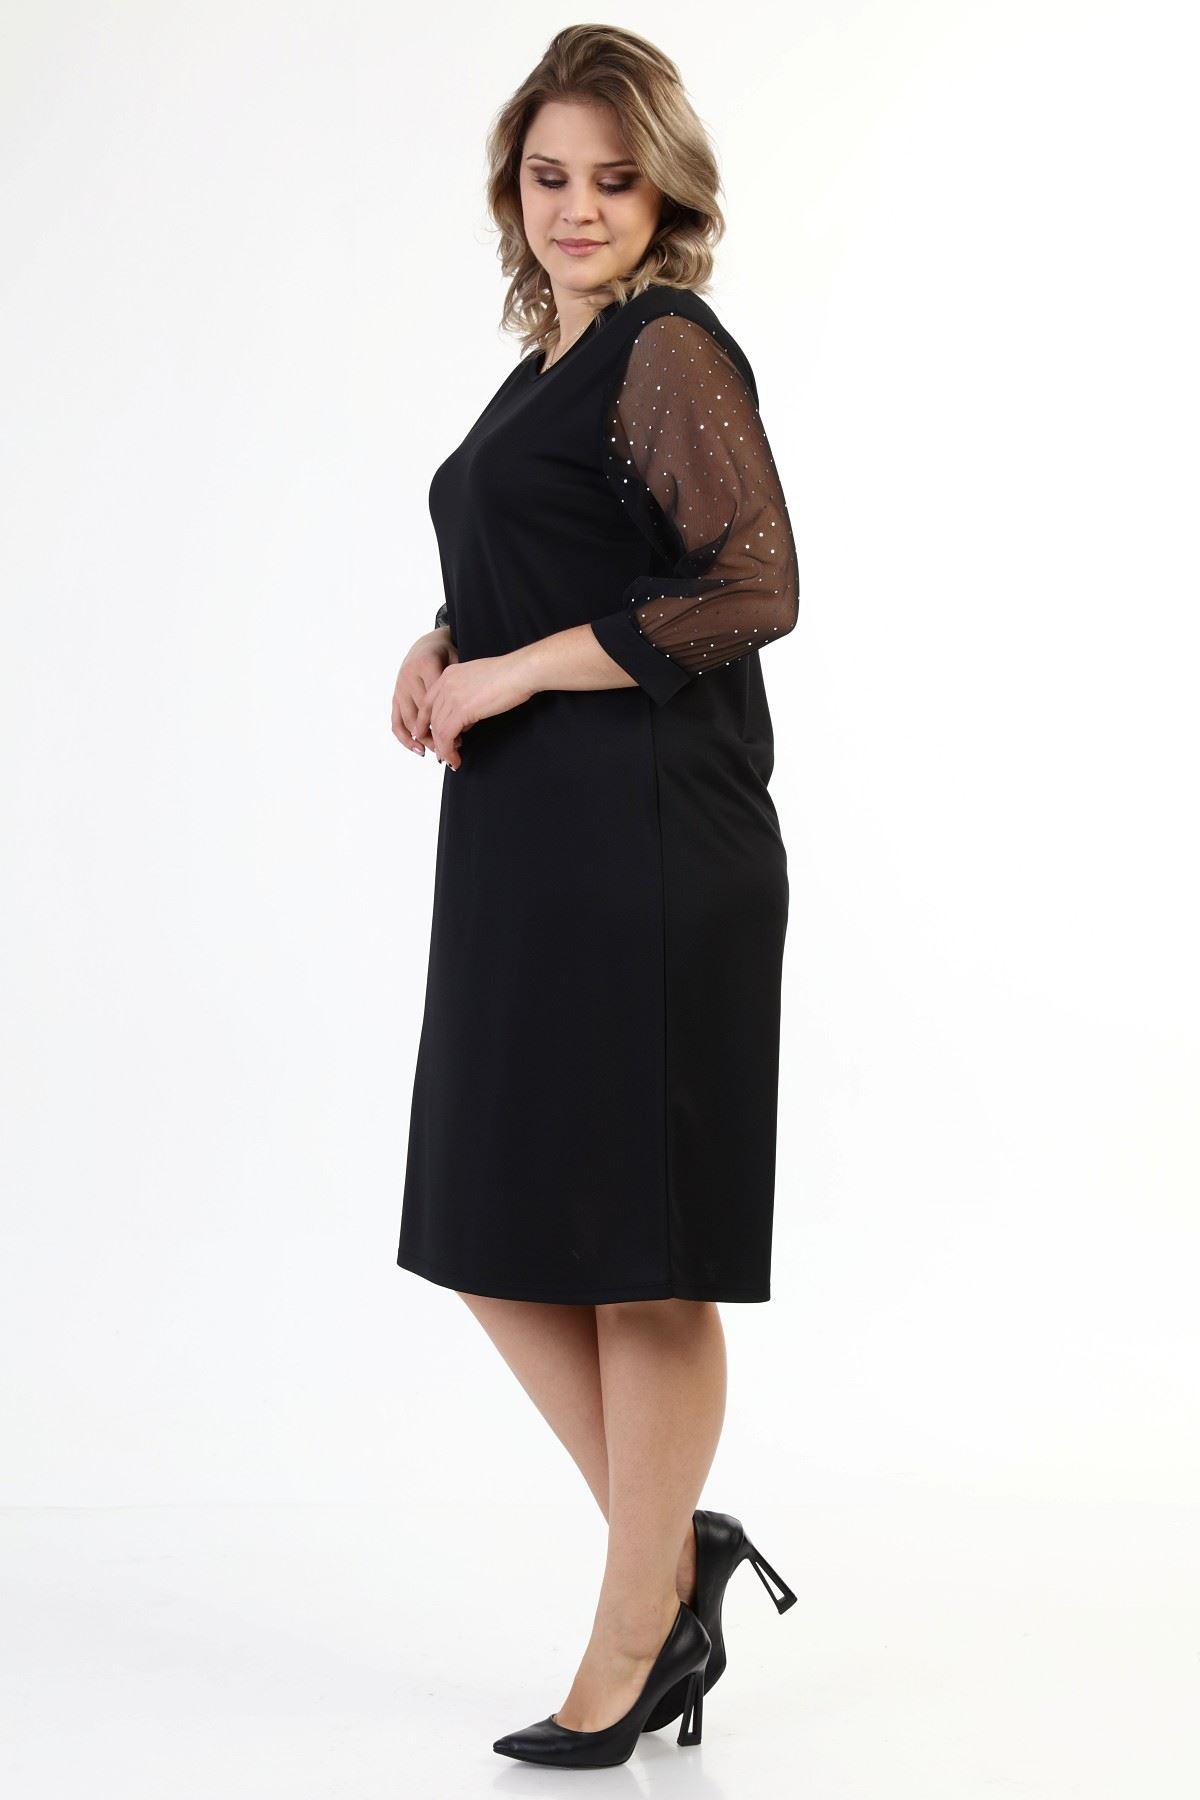 Kolları Parlak Puanlı Büyük Beden Elbise 35B-1638